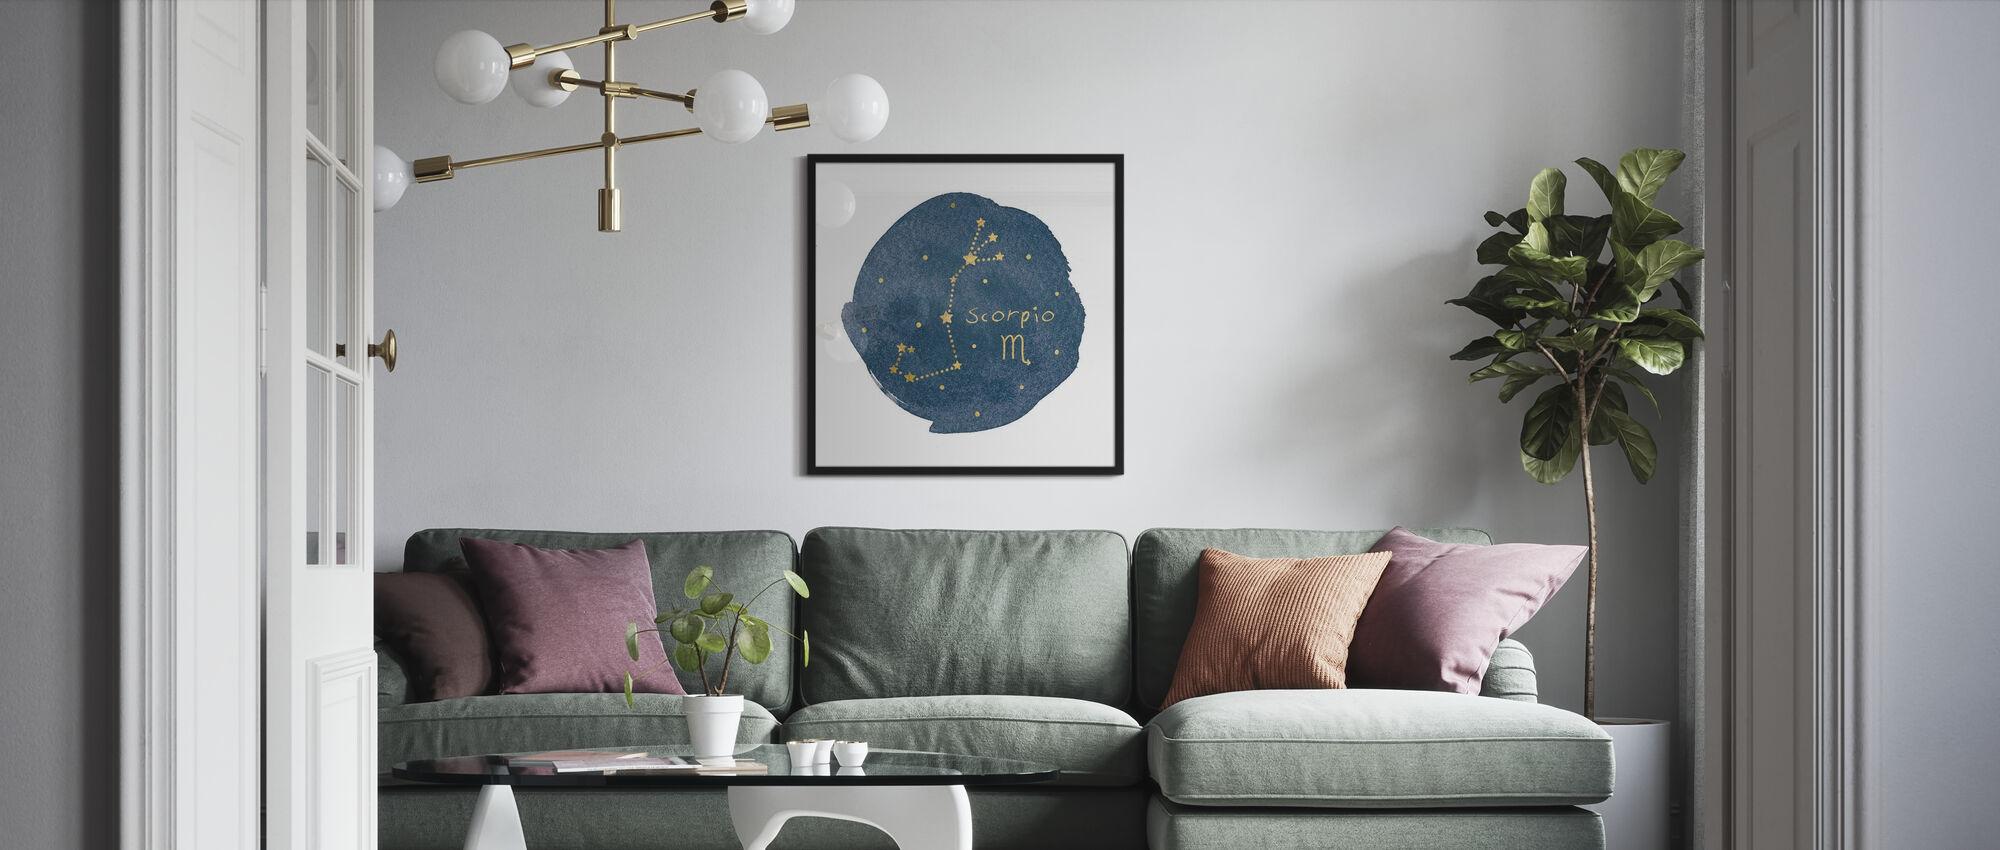 Horoskop Skorpion - Gerahmtes bild - Wohnzimmer